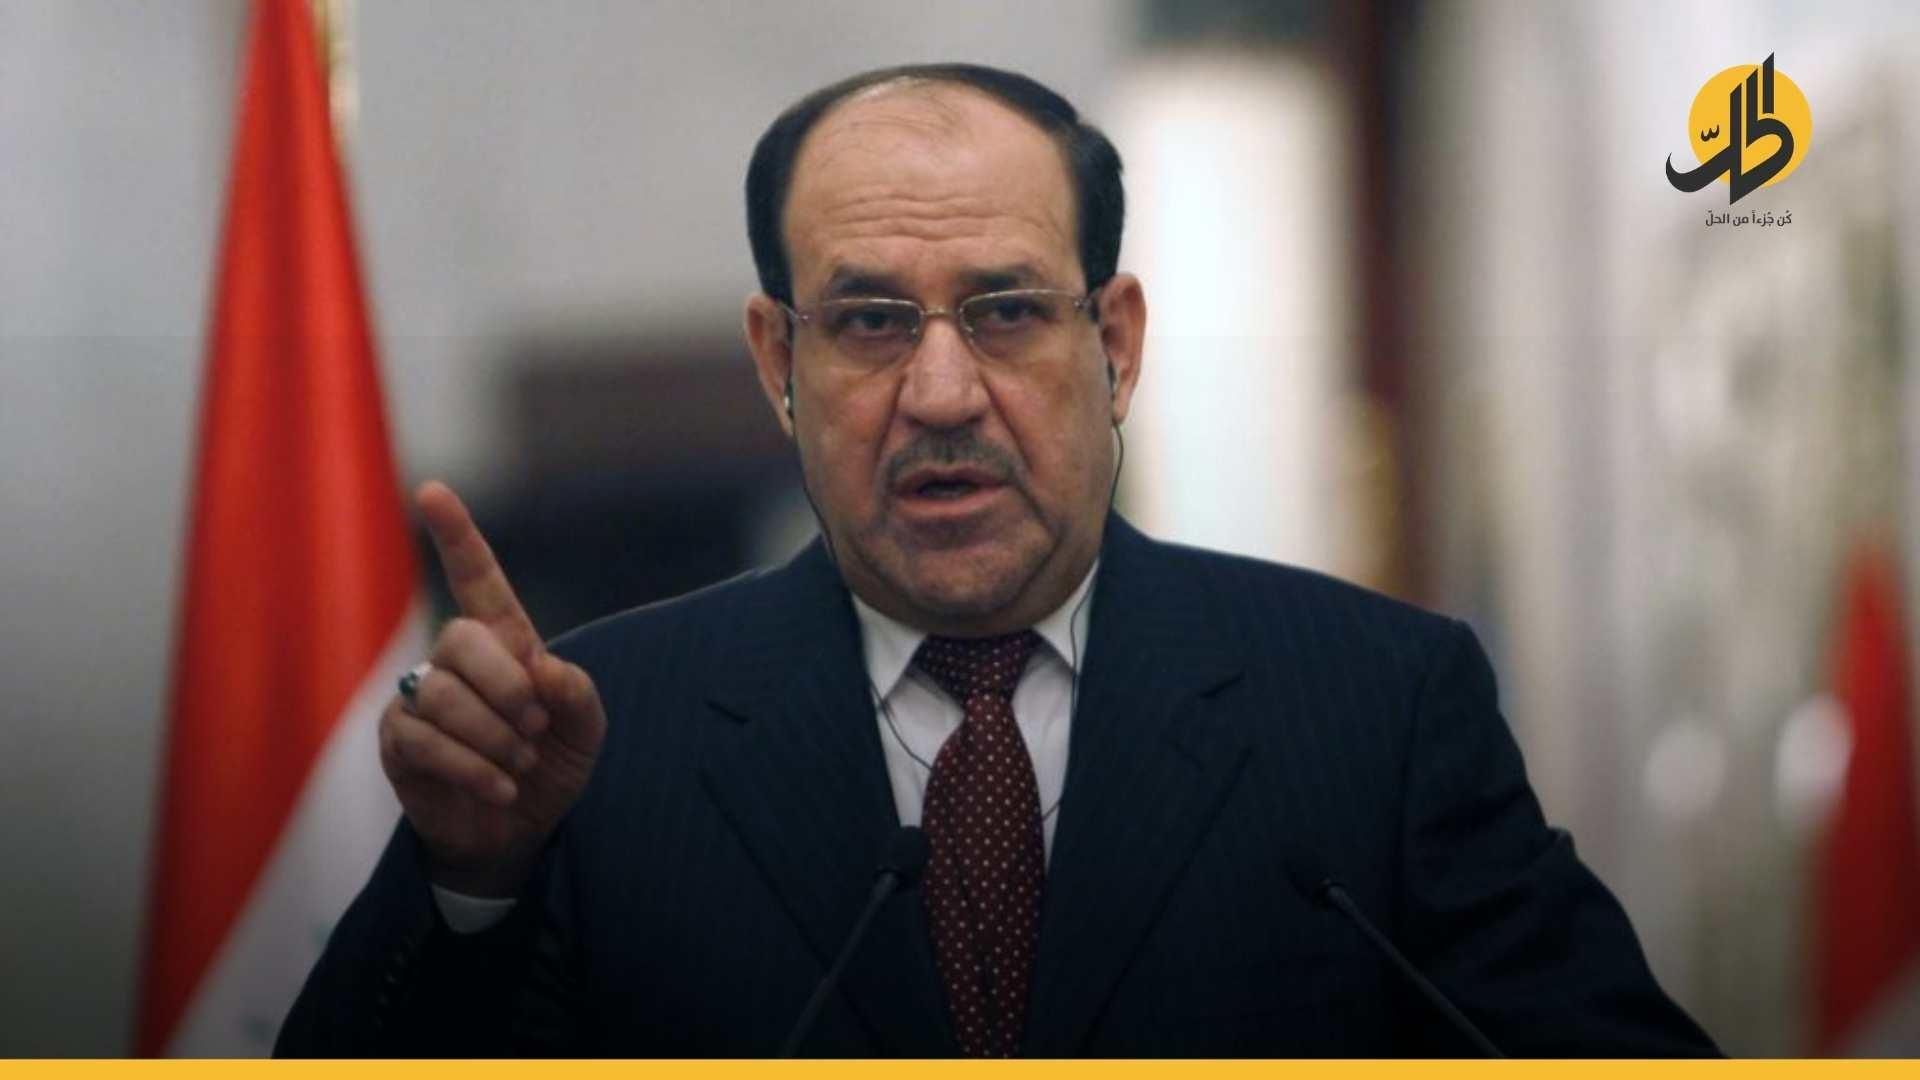 """""""المالكي"""" يَرد على المُنسَحبين: موقفكُم لَن يُفرضَ علَينا والانتخابات ستُجرى بمَوعدها"""